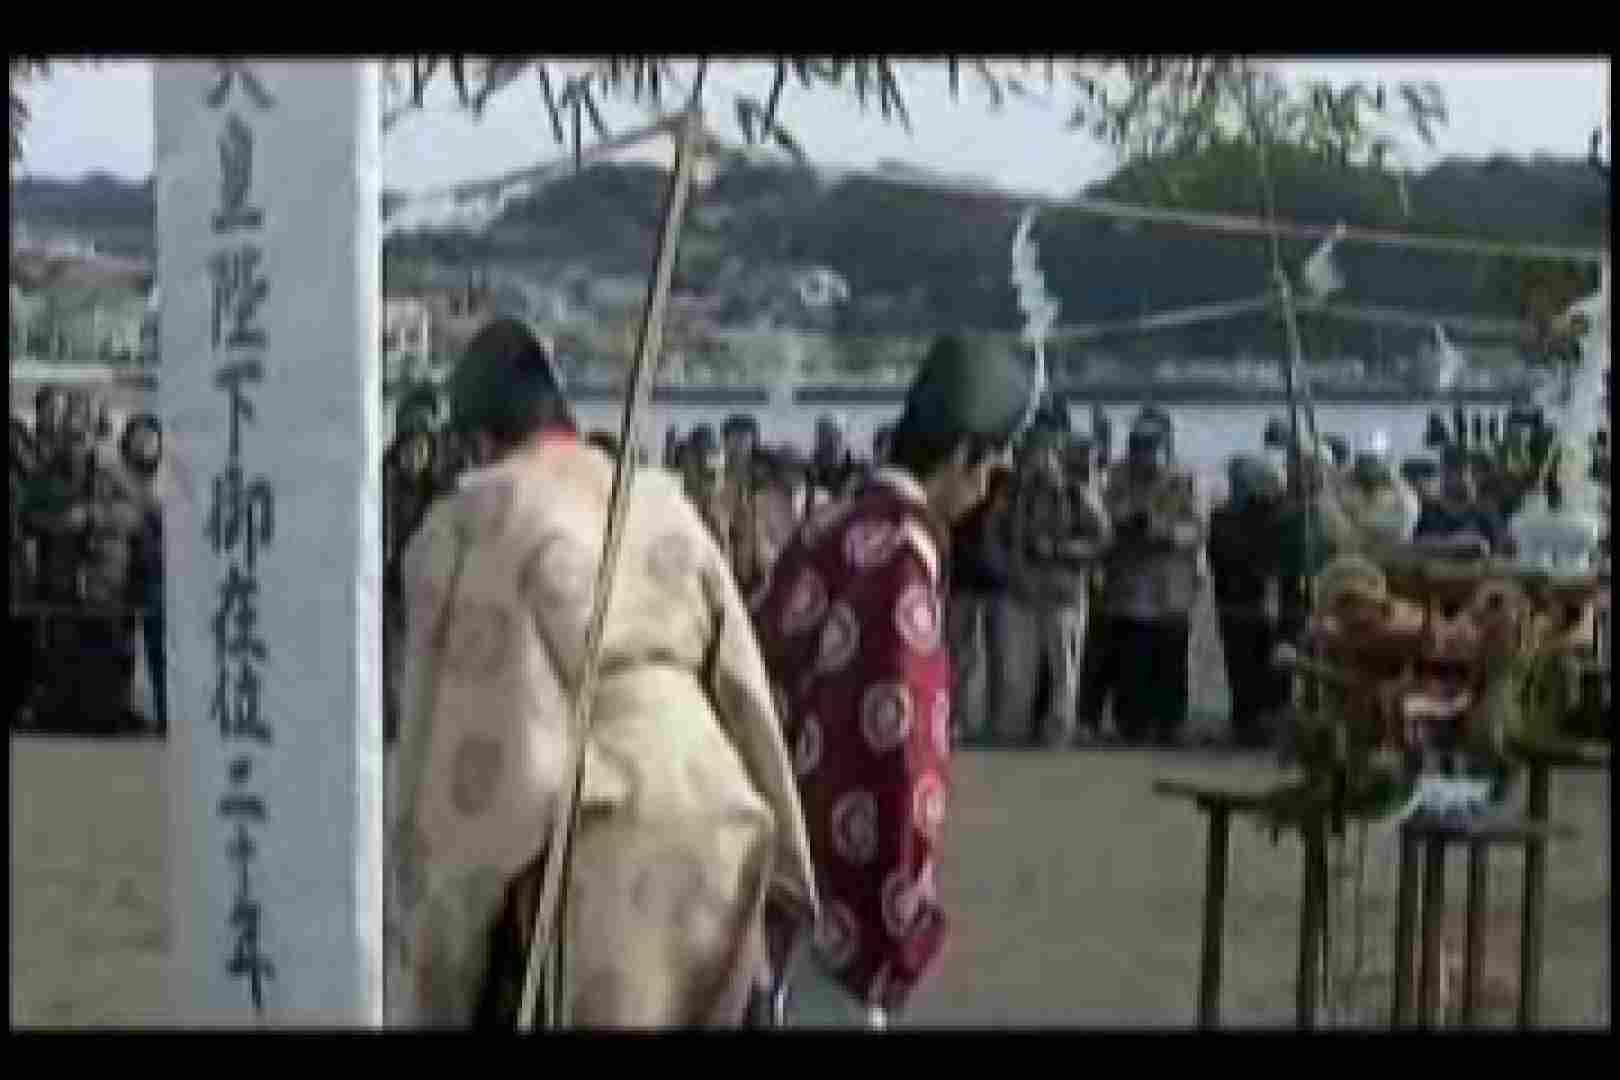 陰間茶屋 男児祭り VOL.1 男の世界  66画像 38